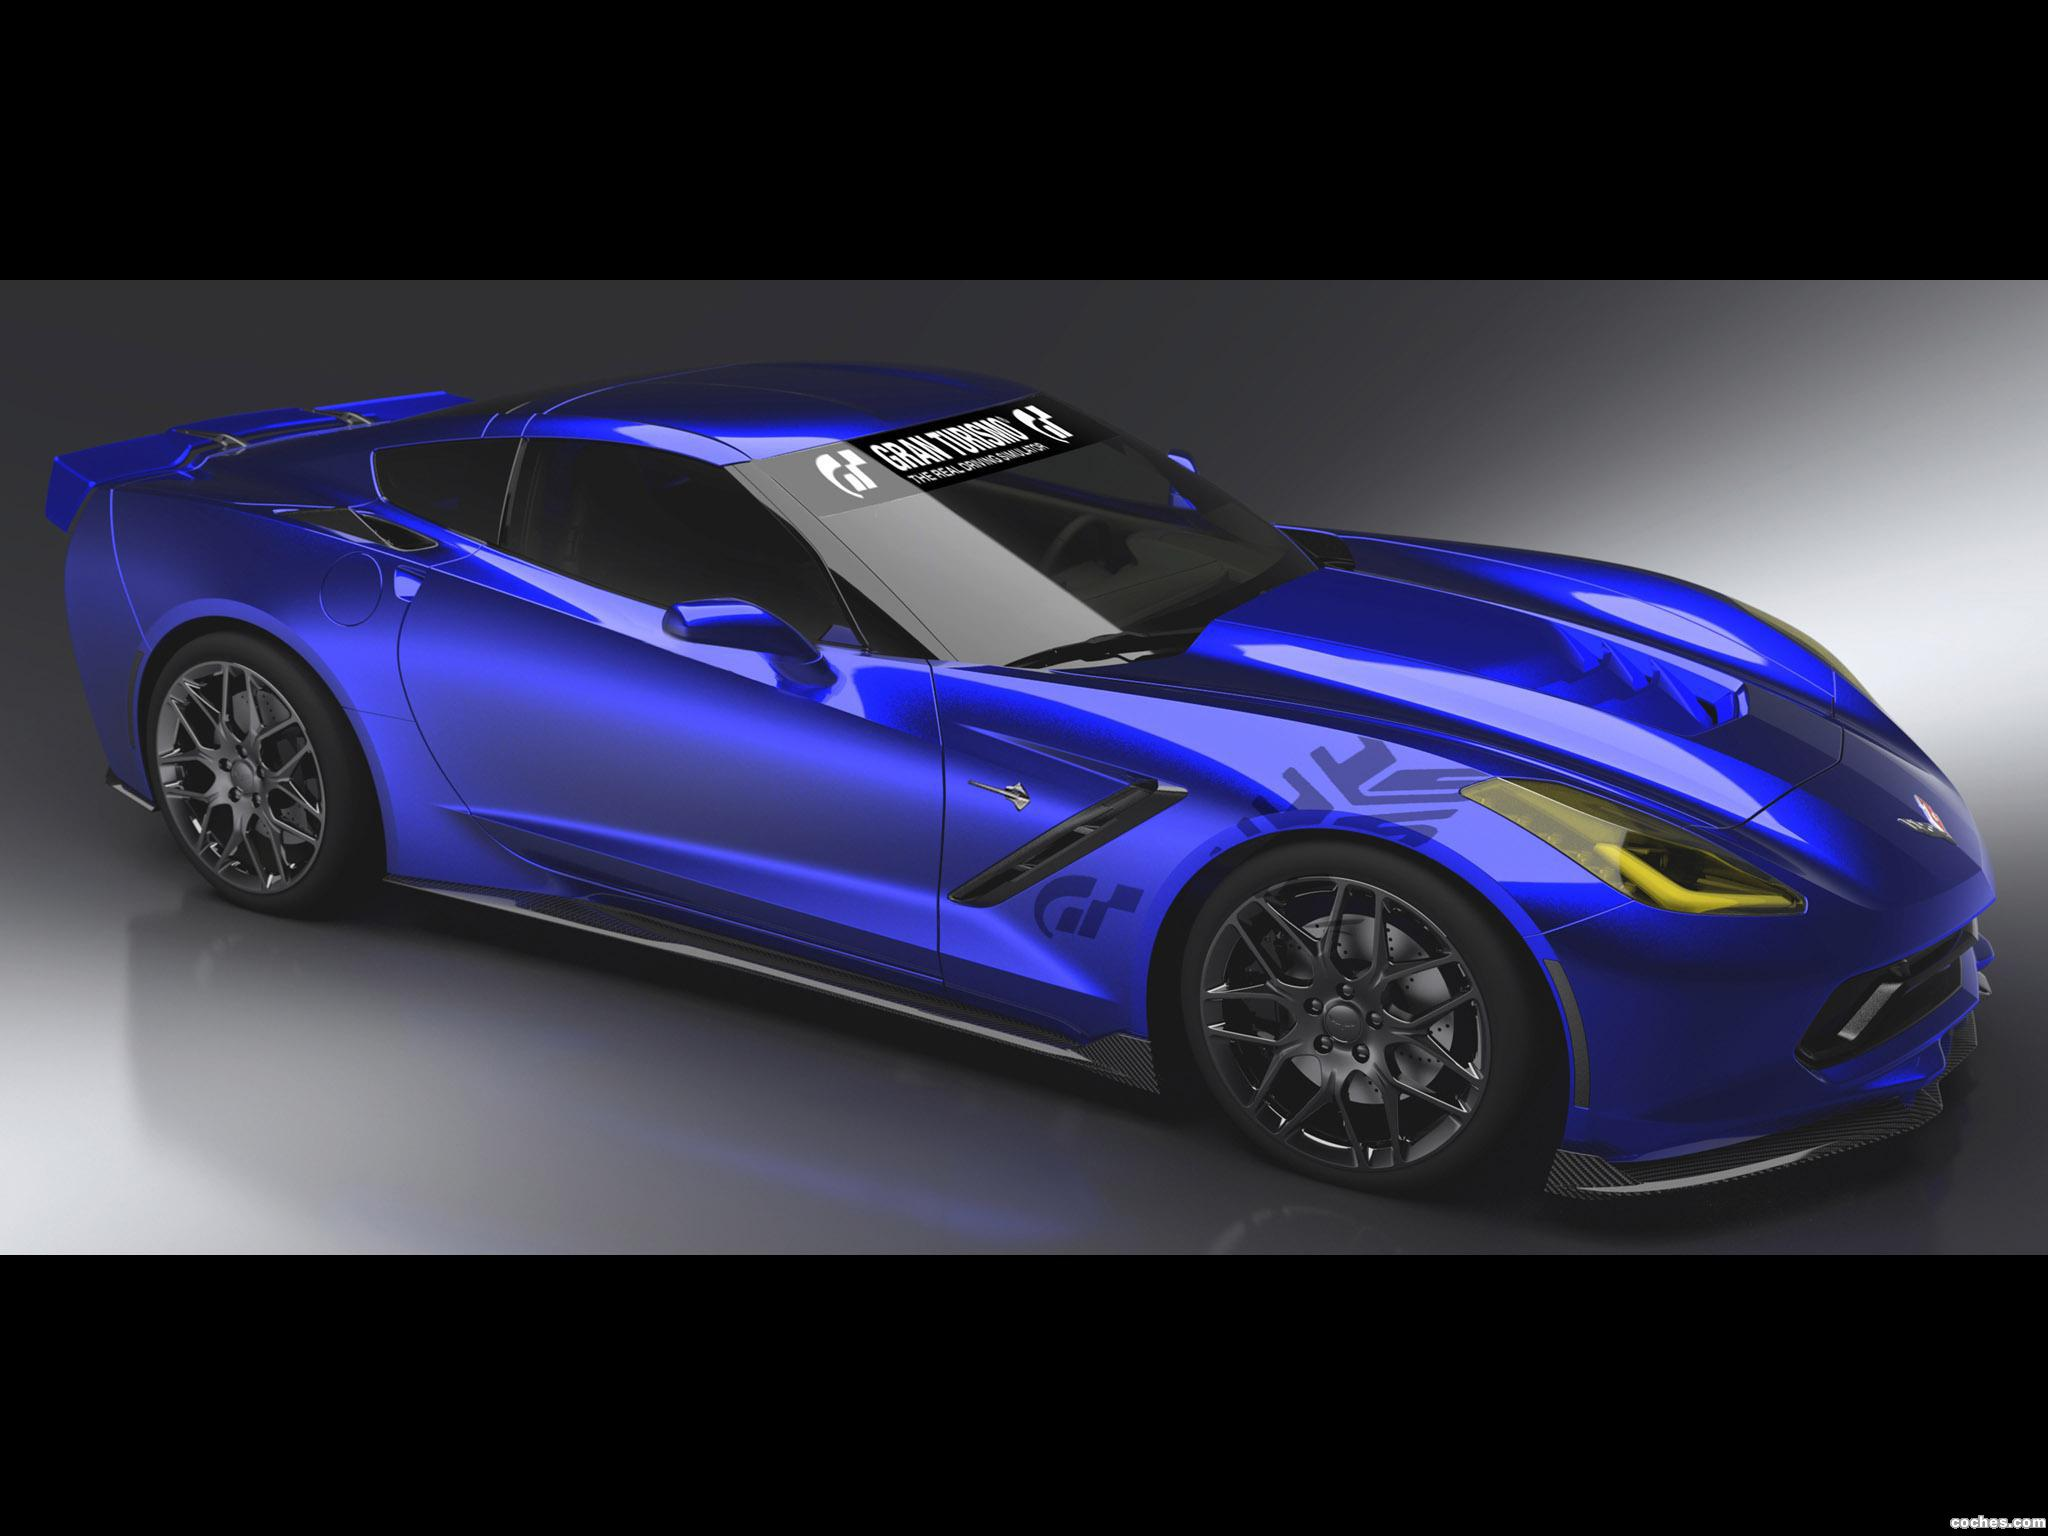 Foto 0 de Chevrolet Corvette Stingray Gran Turismo Concept 2013